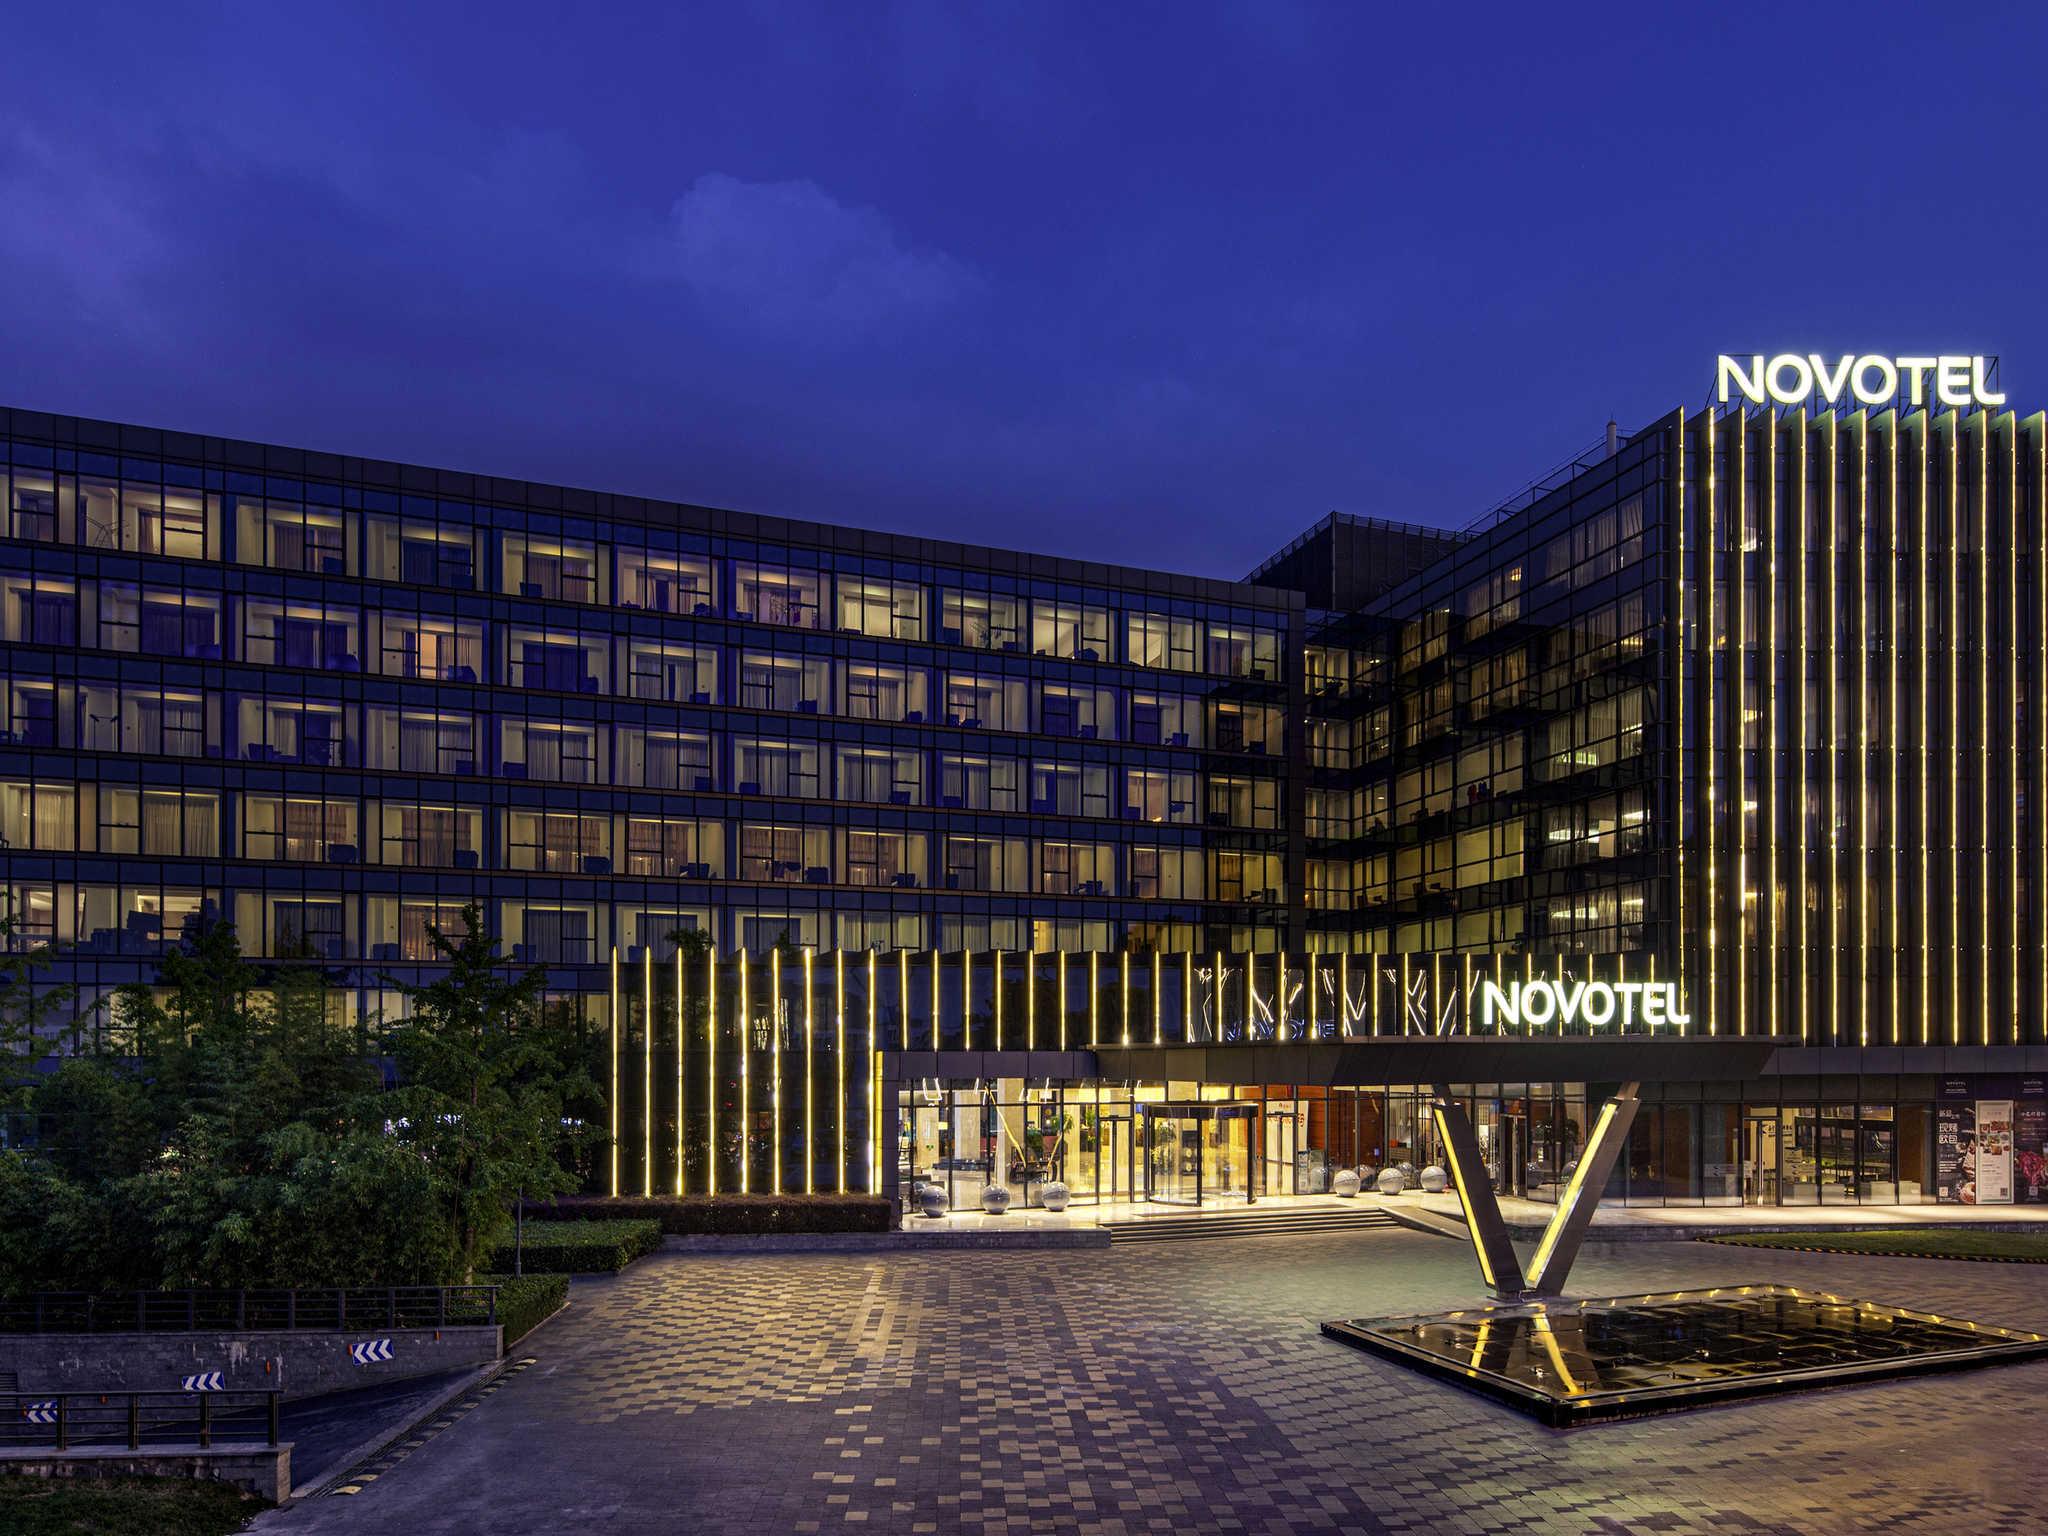 Hotell – Novotel Nanjing East Suning